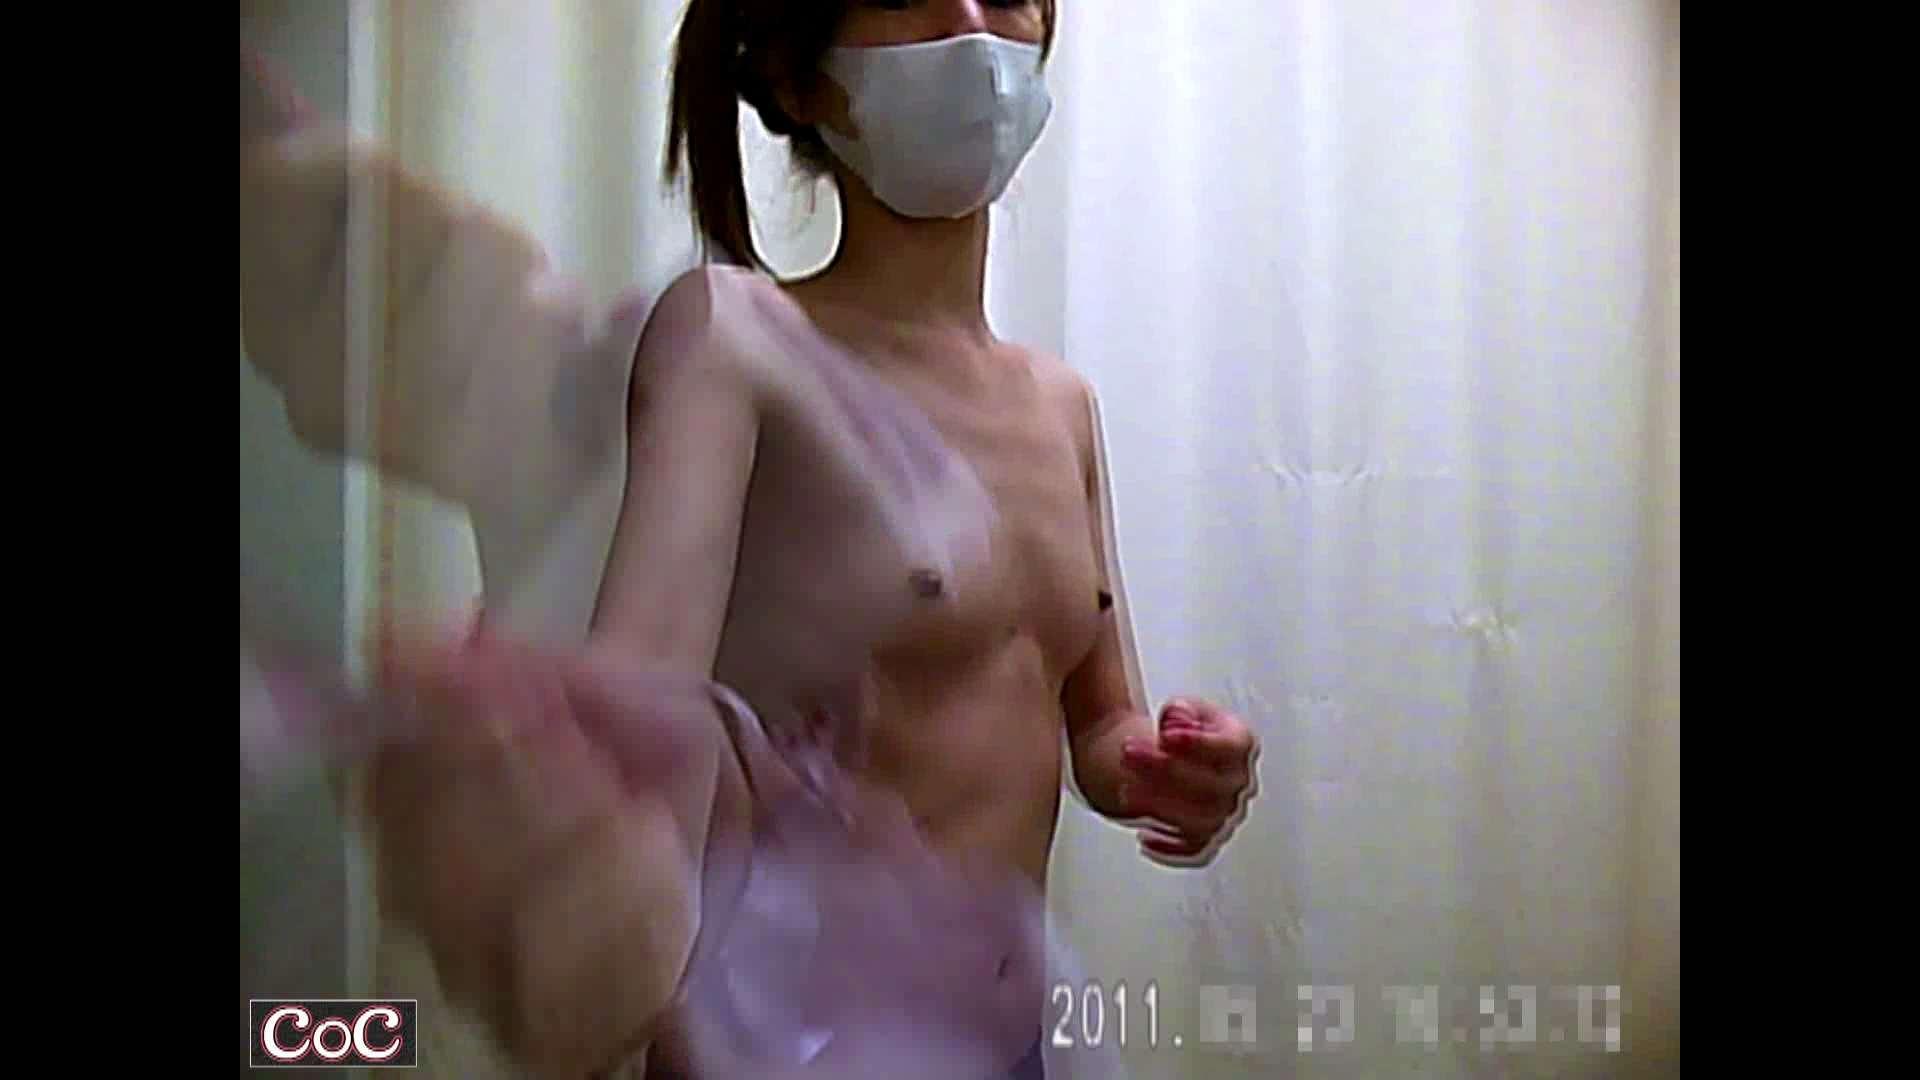 元医者による反抗 更衣室地獄絵巻 vol.171 OL  106pic 44